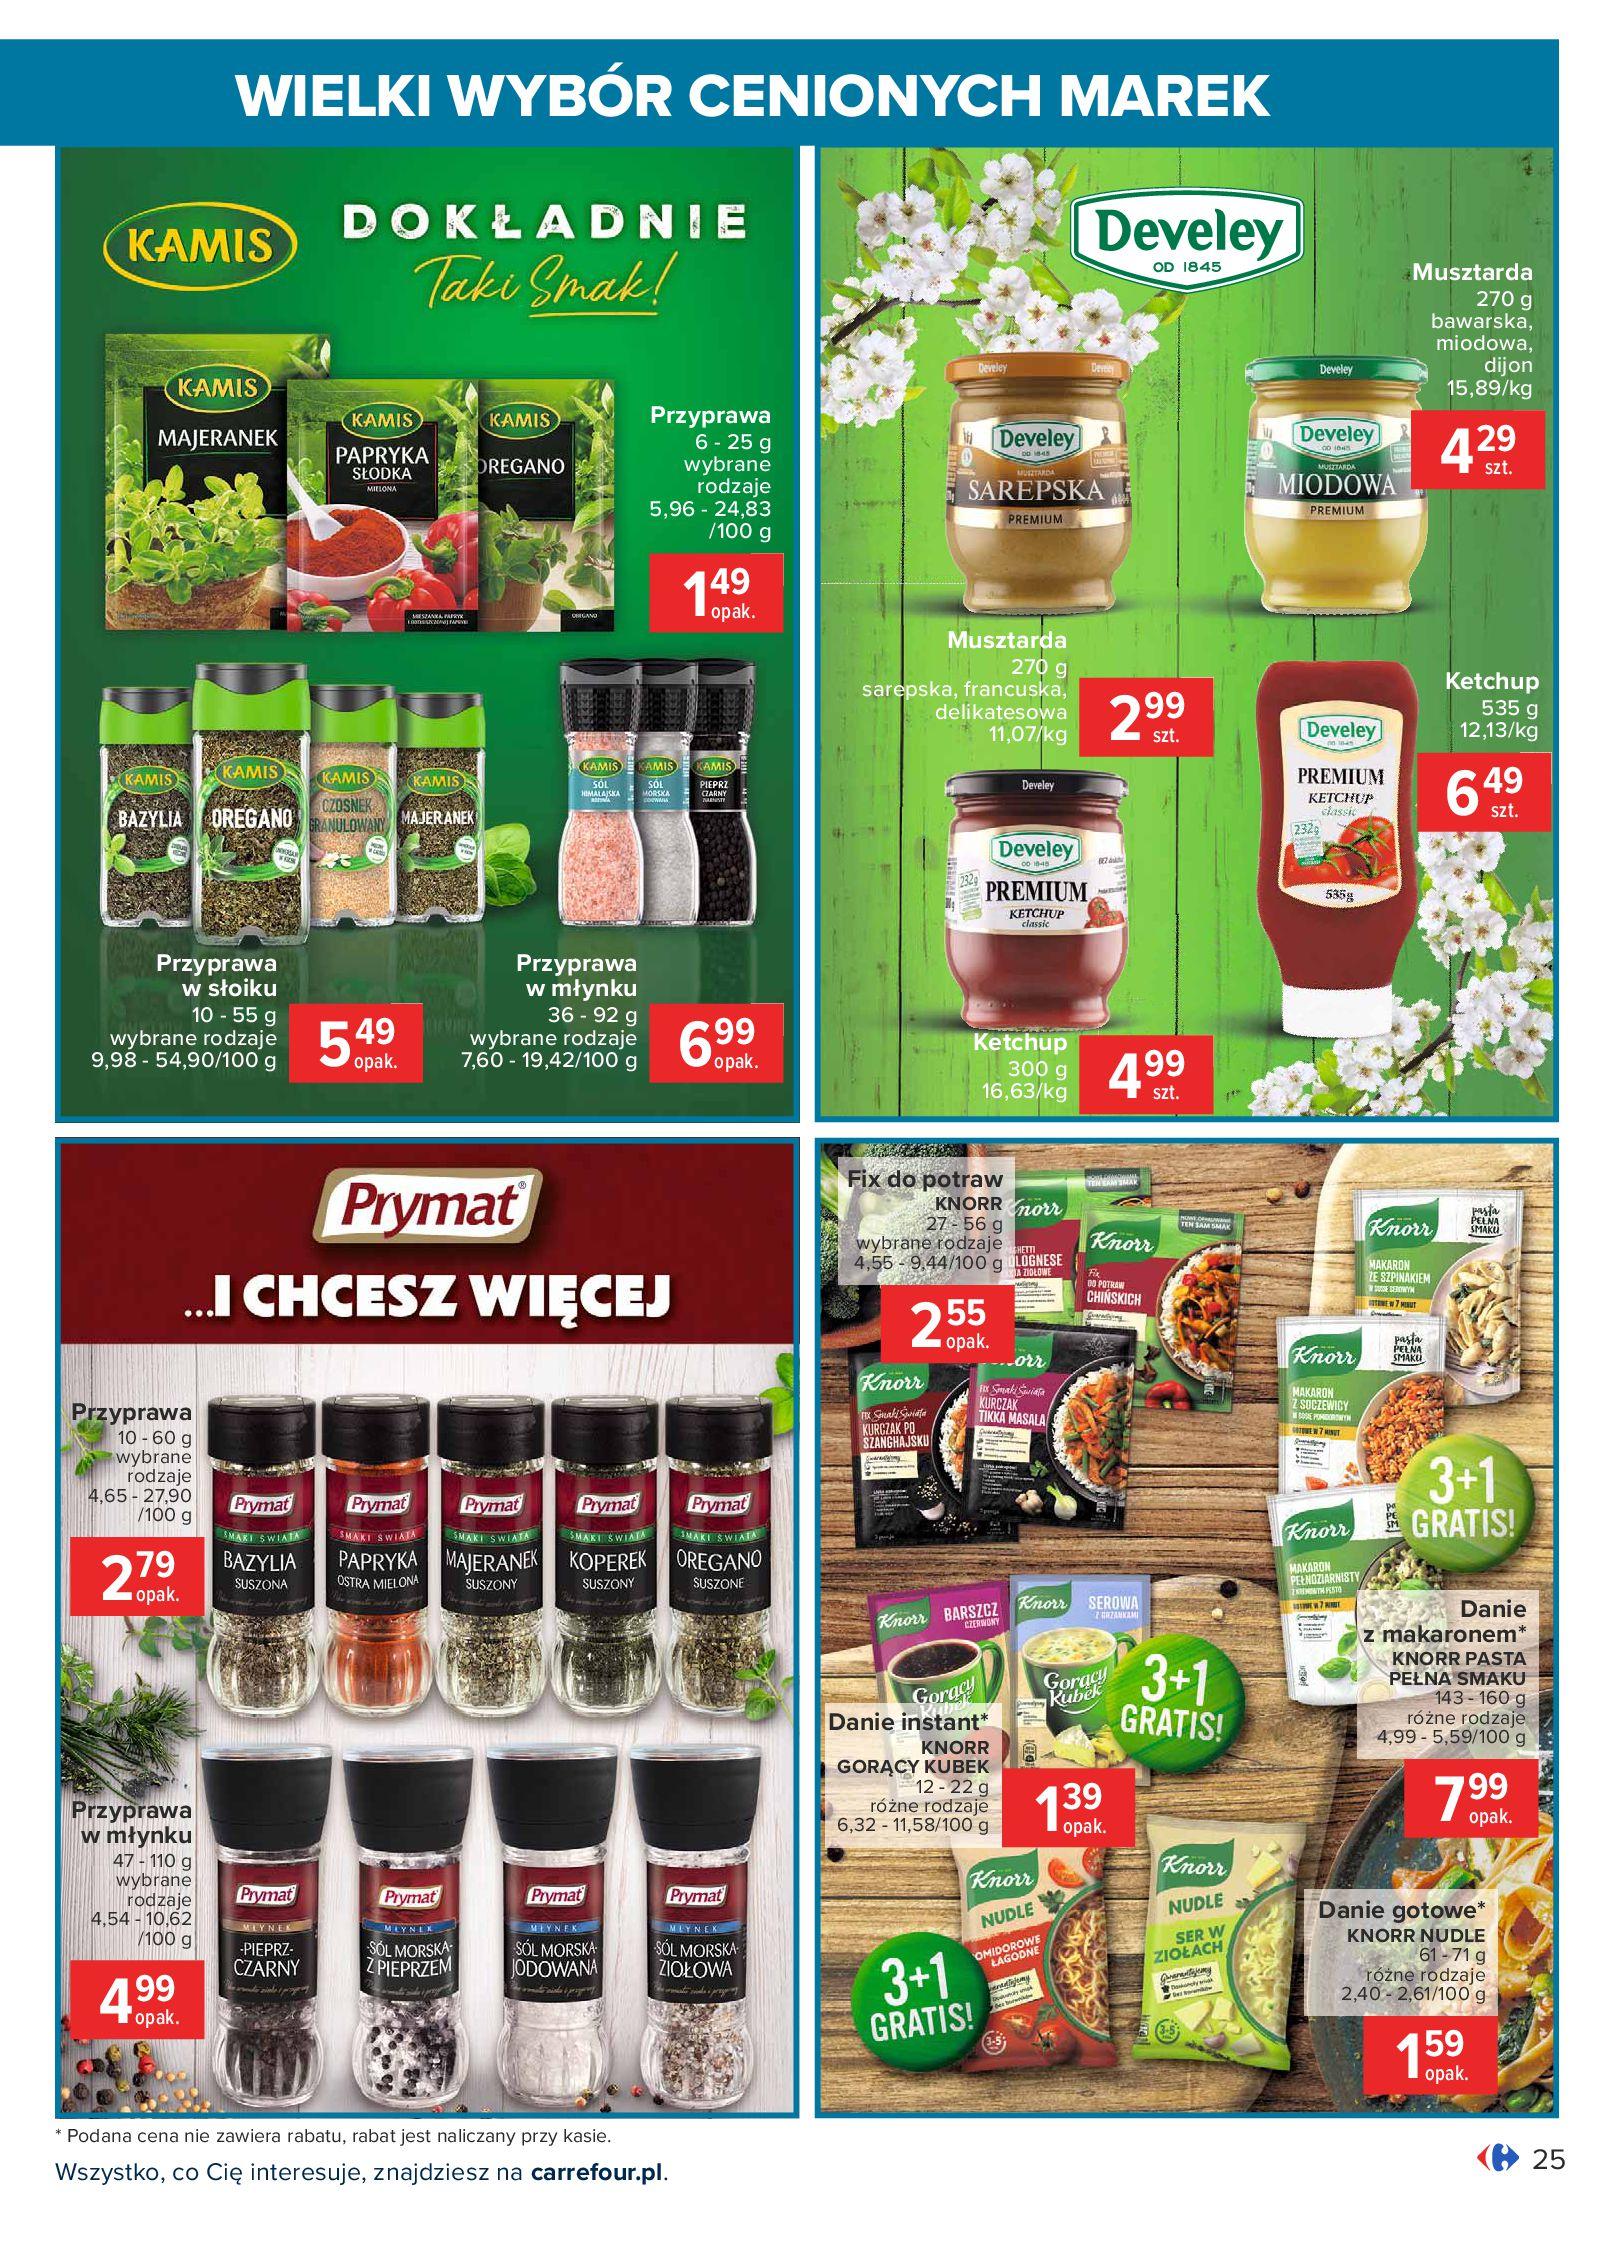 Gazetka Carrefour: Wielki wybór cenionych marek 2021-05-04 page-25